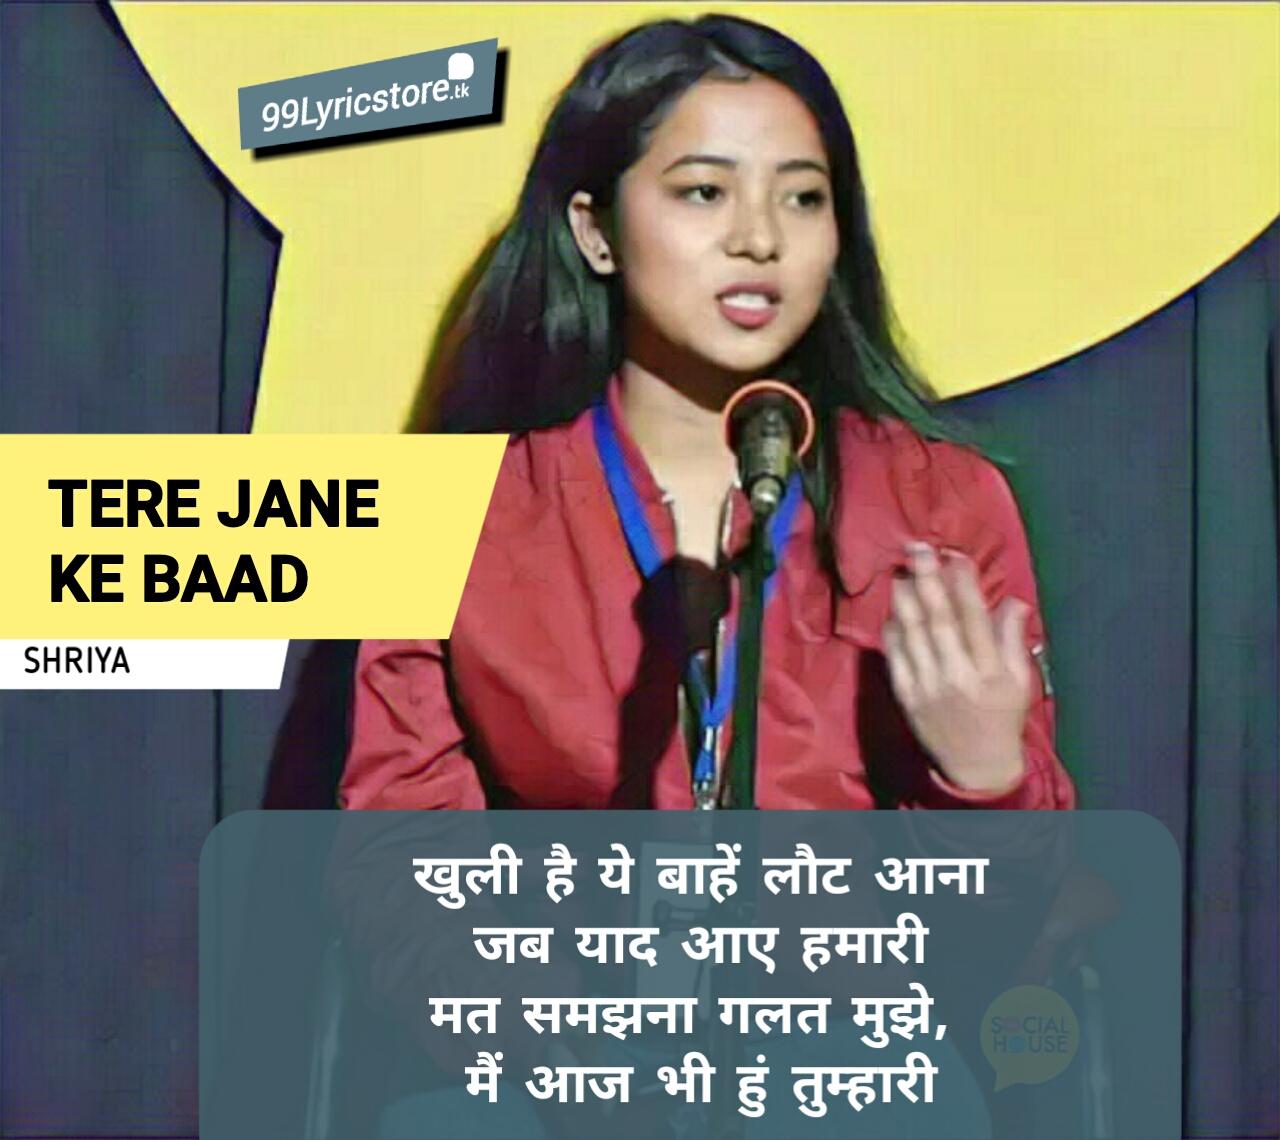 Tere Jane Ke Baad by Shriya | Heartbreak | The Social House Poetry, Love poetry, love Quotes, love Shayari, Shriya poetry in hindi, Shriya poetry video, Tere Jane ke baad lyrics Shriya the social house, Heartbreak Poetry, The Social